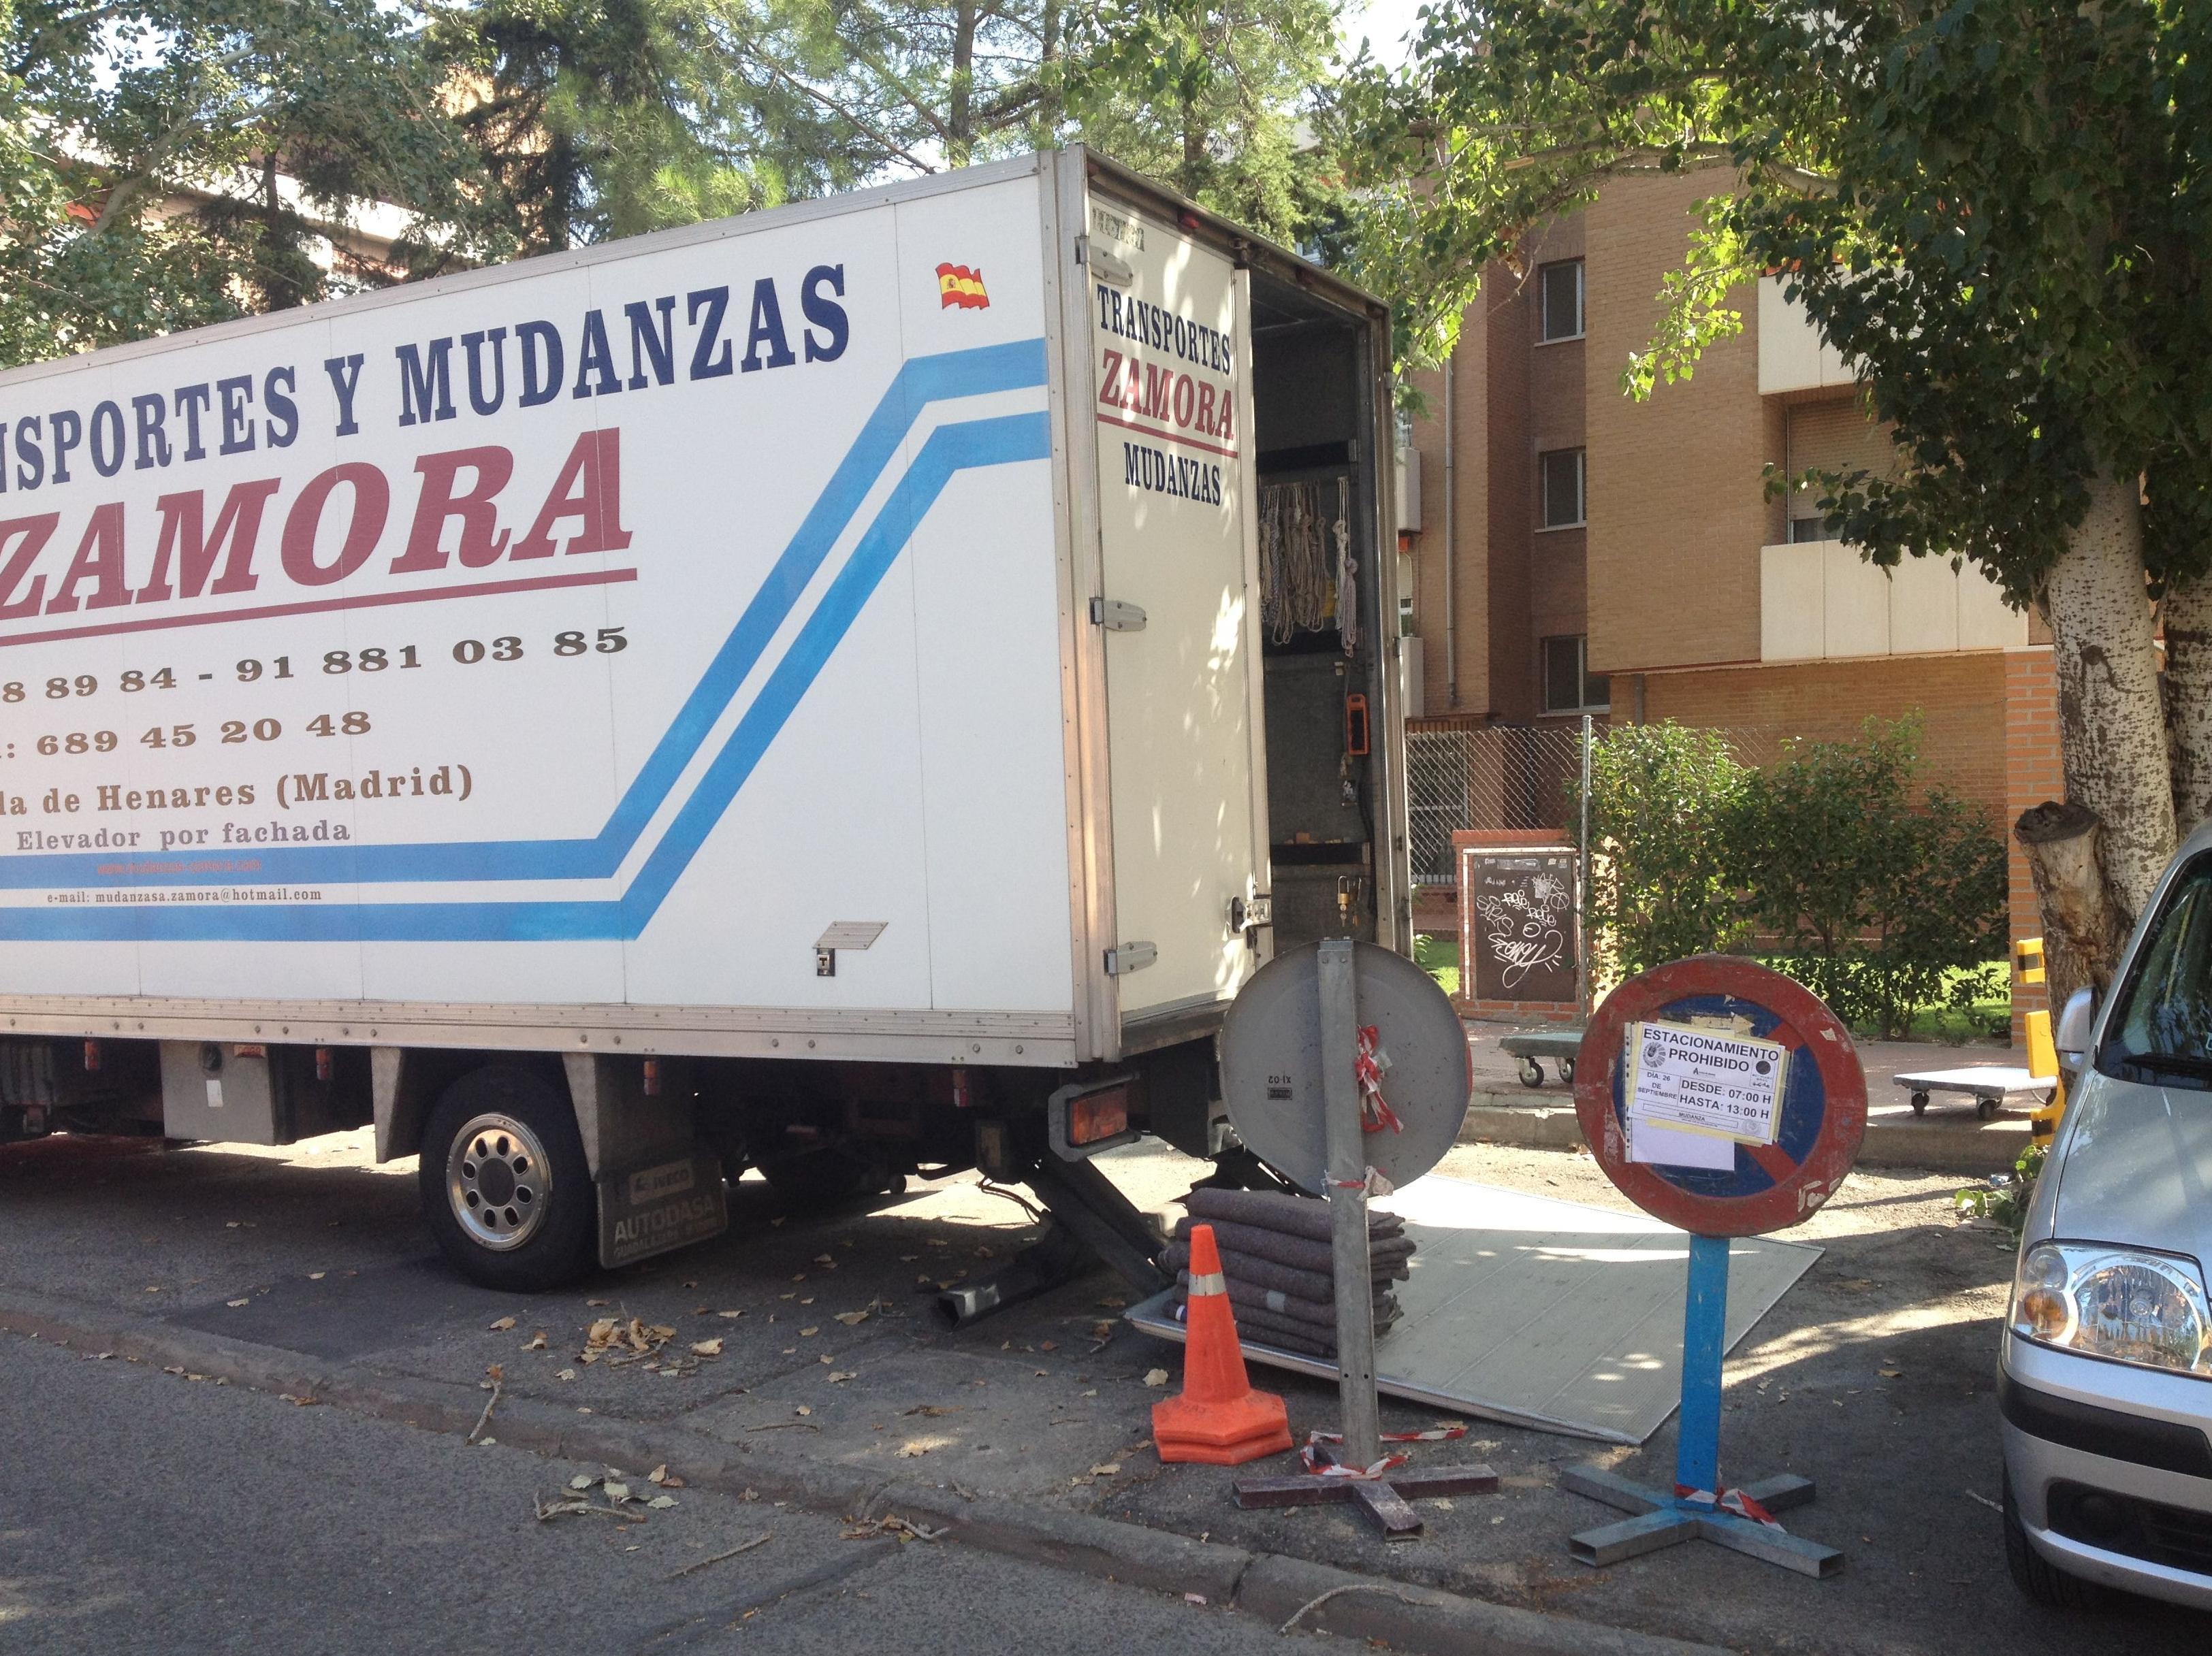 Foto 34 de Mudanzas y guardamuebles en Alcalá de Henares | Mudanzas Zamora